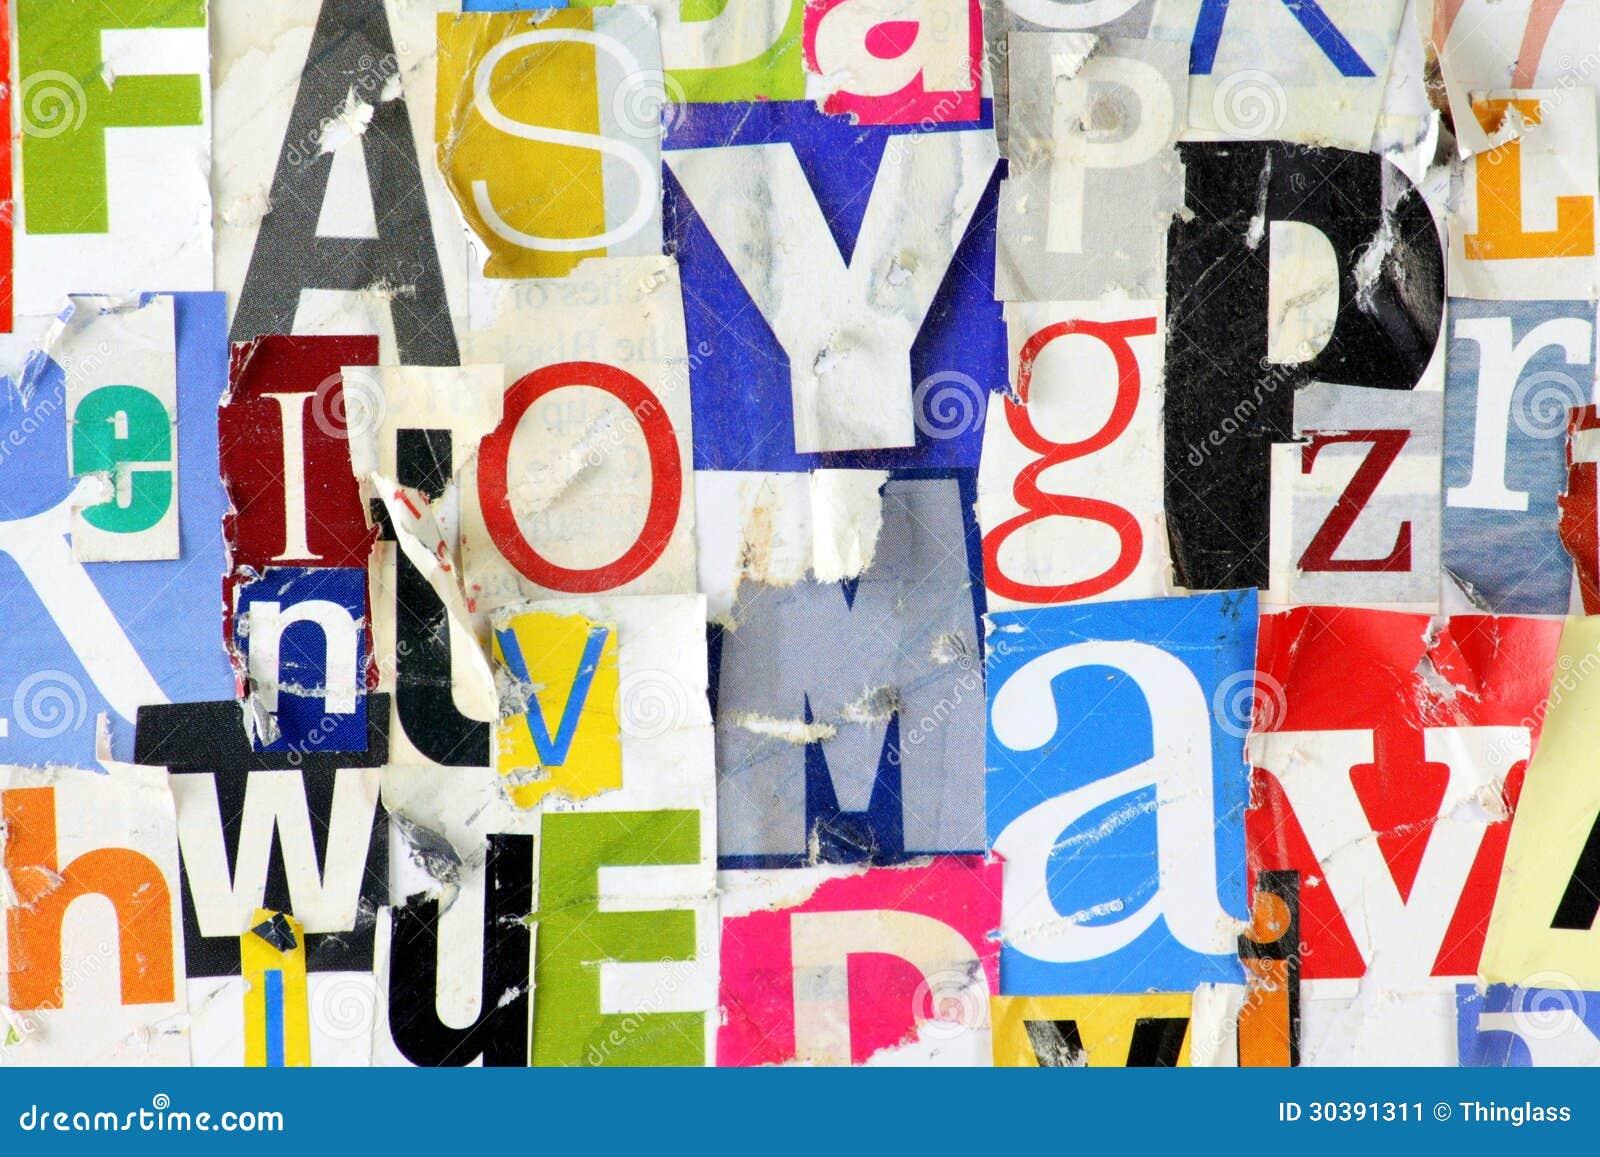 grunge magazine letter background stock image